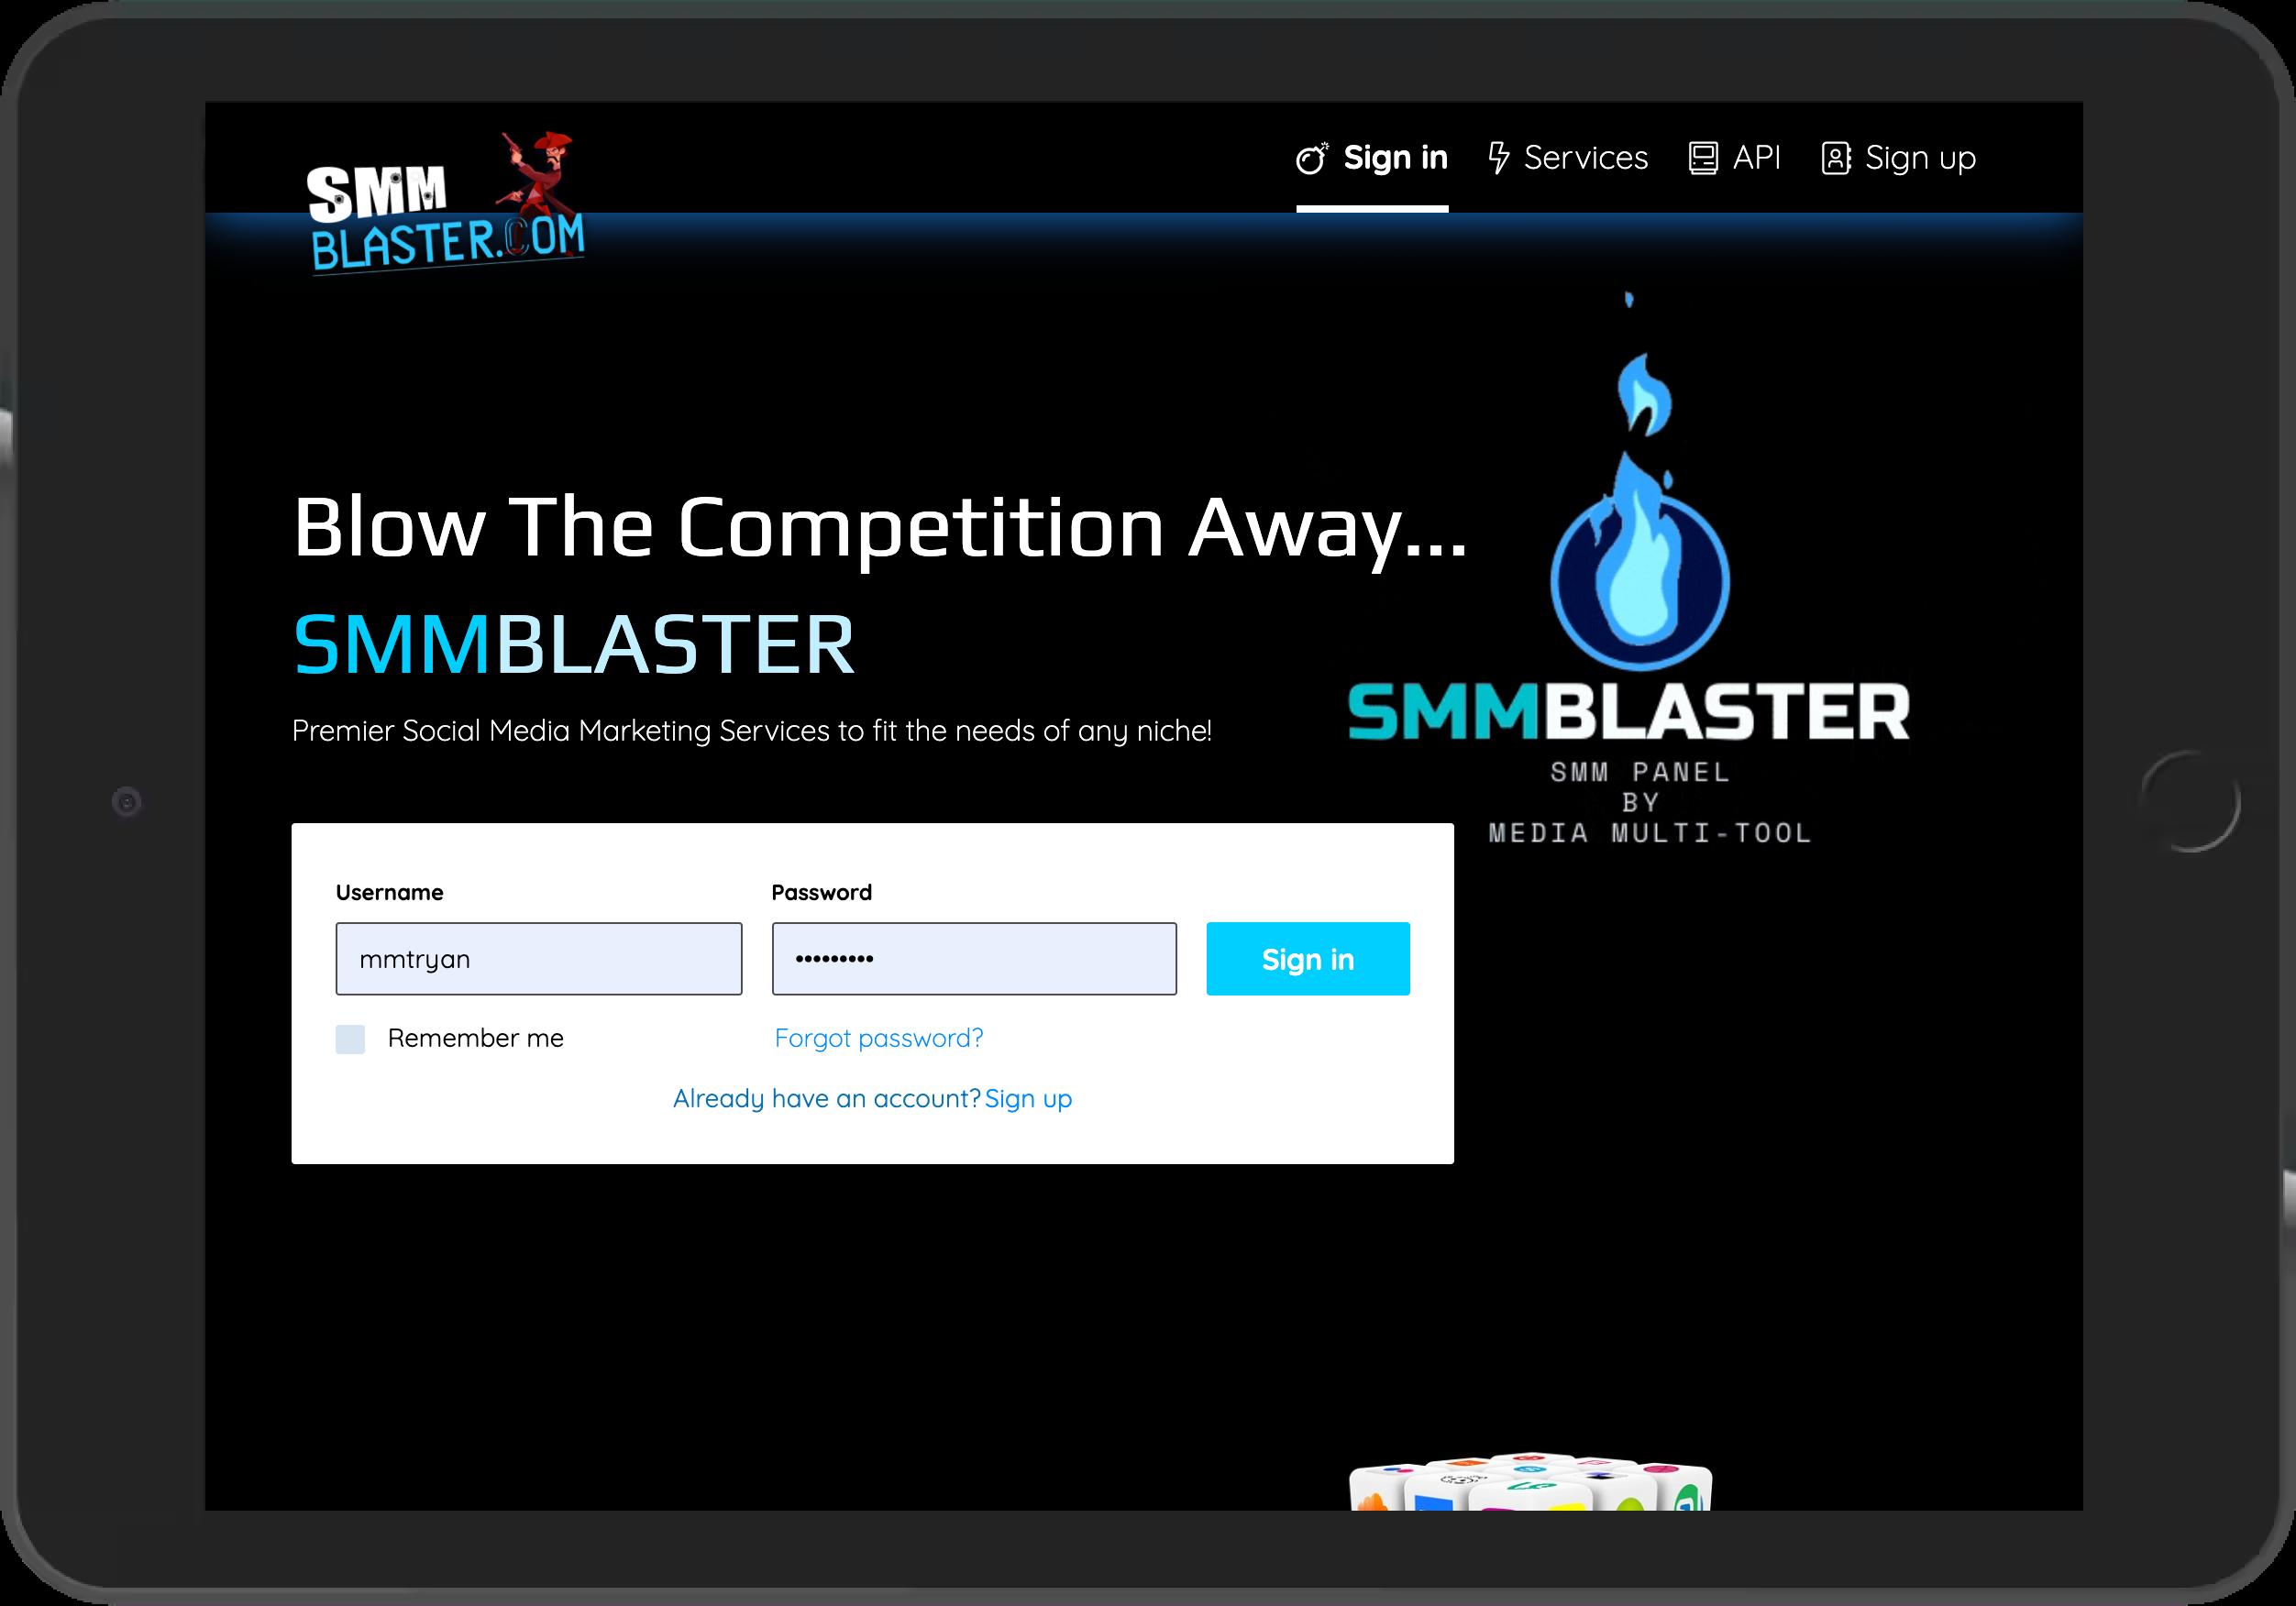 smmblaster_com_(iPad)1.png